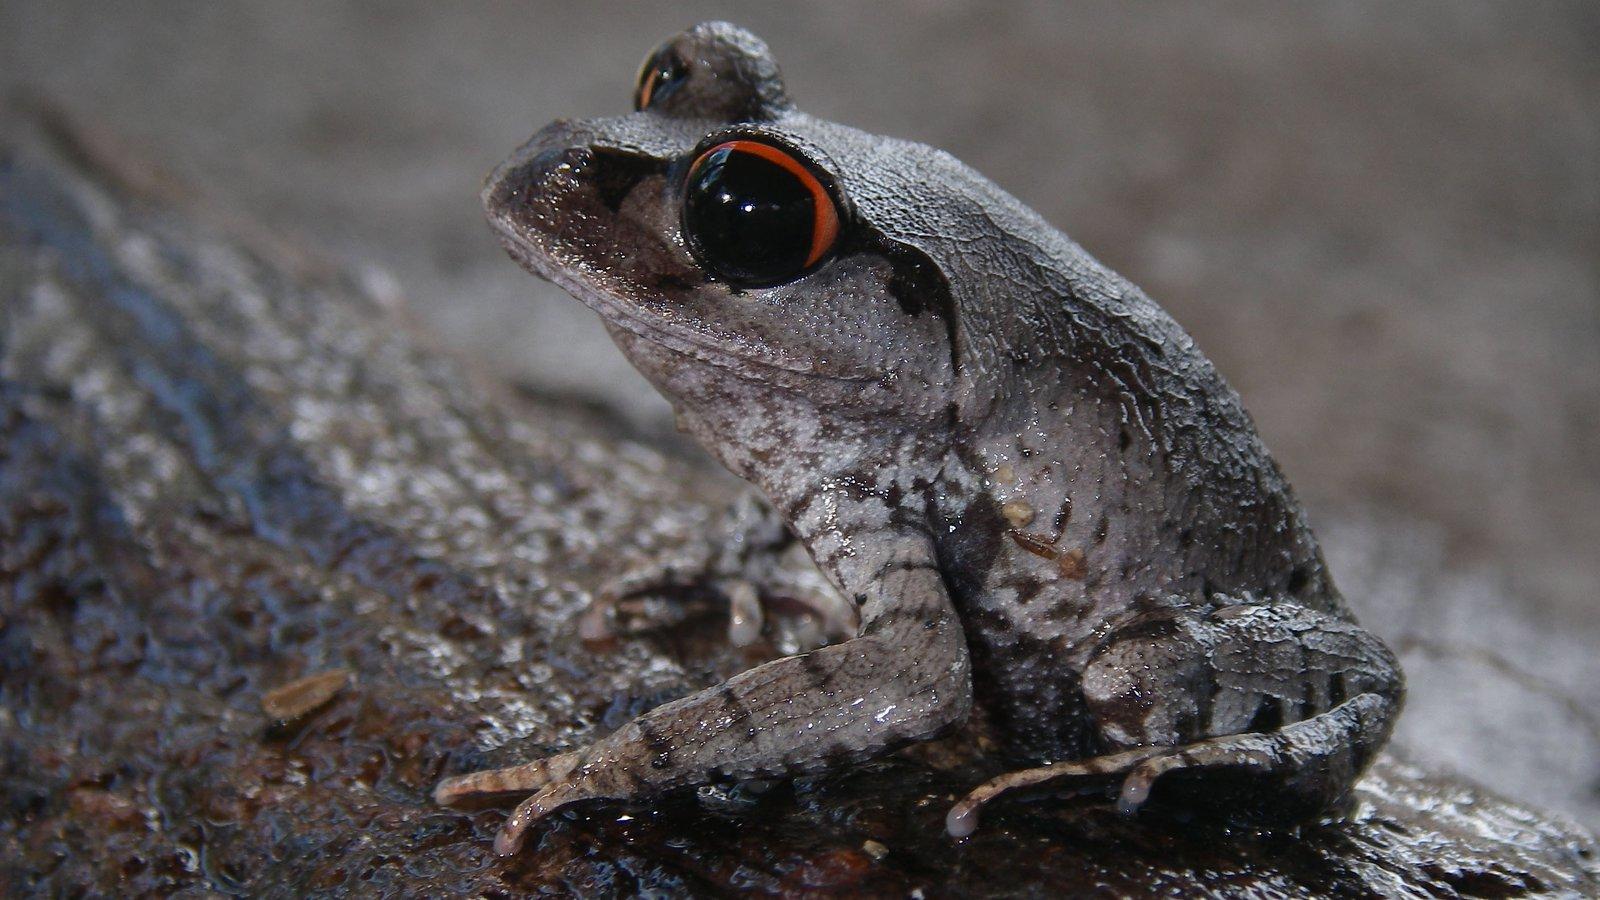 Crescent Moon Spadefoot Frog (Leptobrachium lunatum), Cambodia.